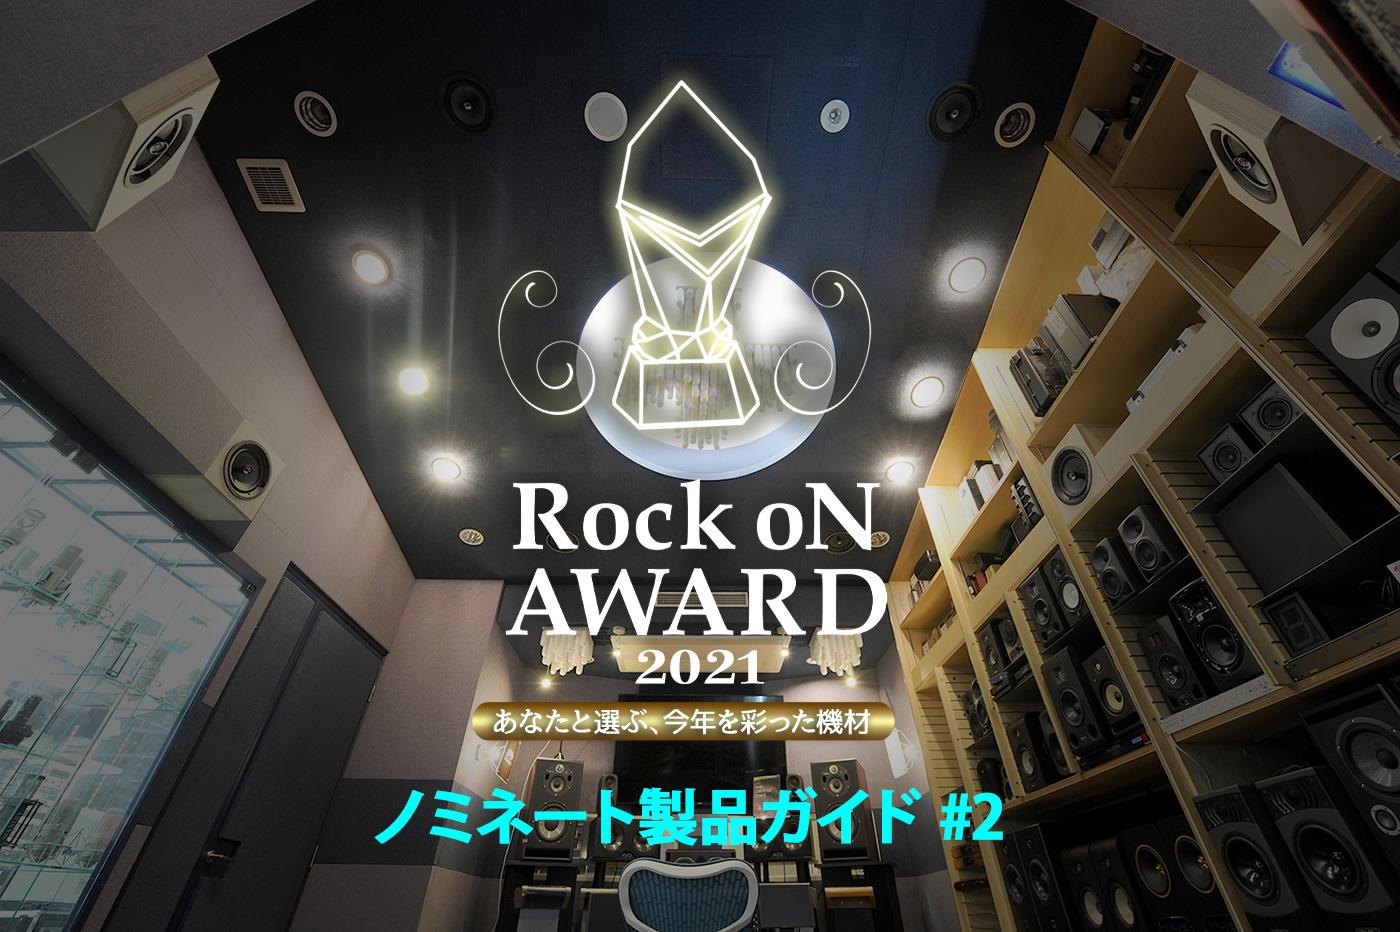 20191206_award2020-2_1390_856